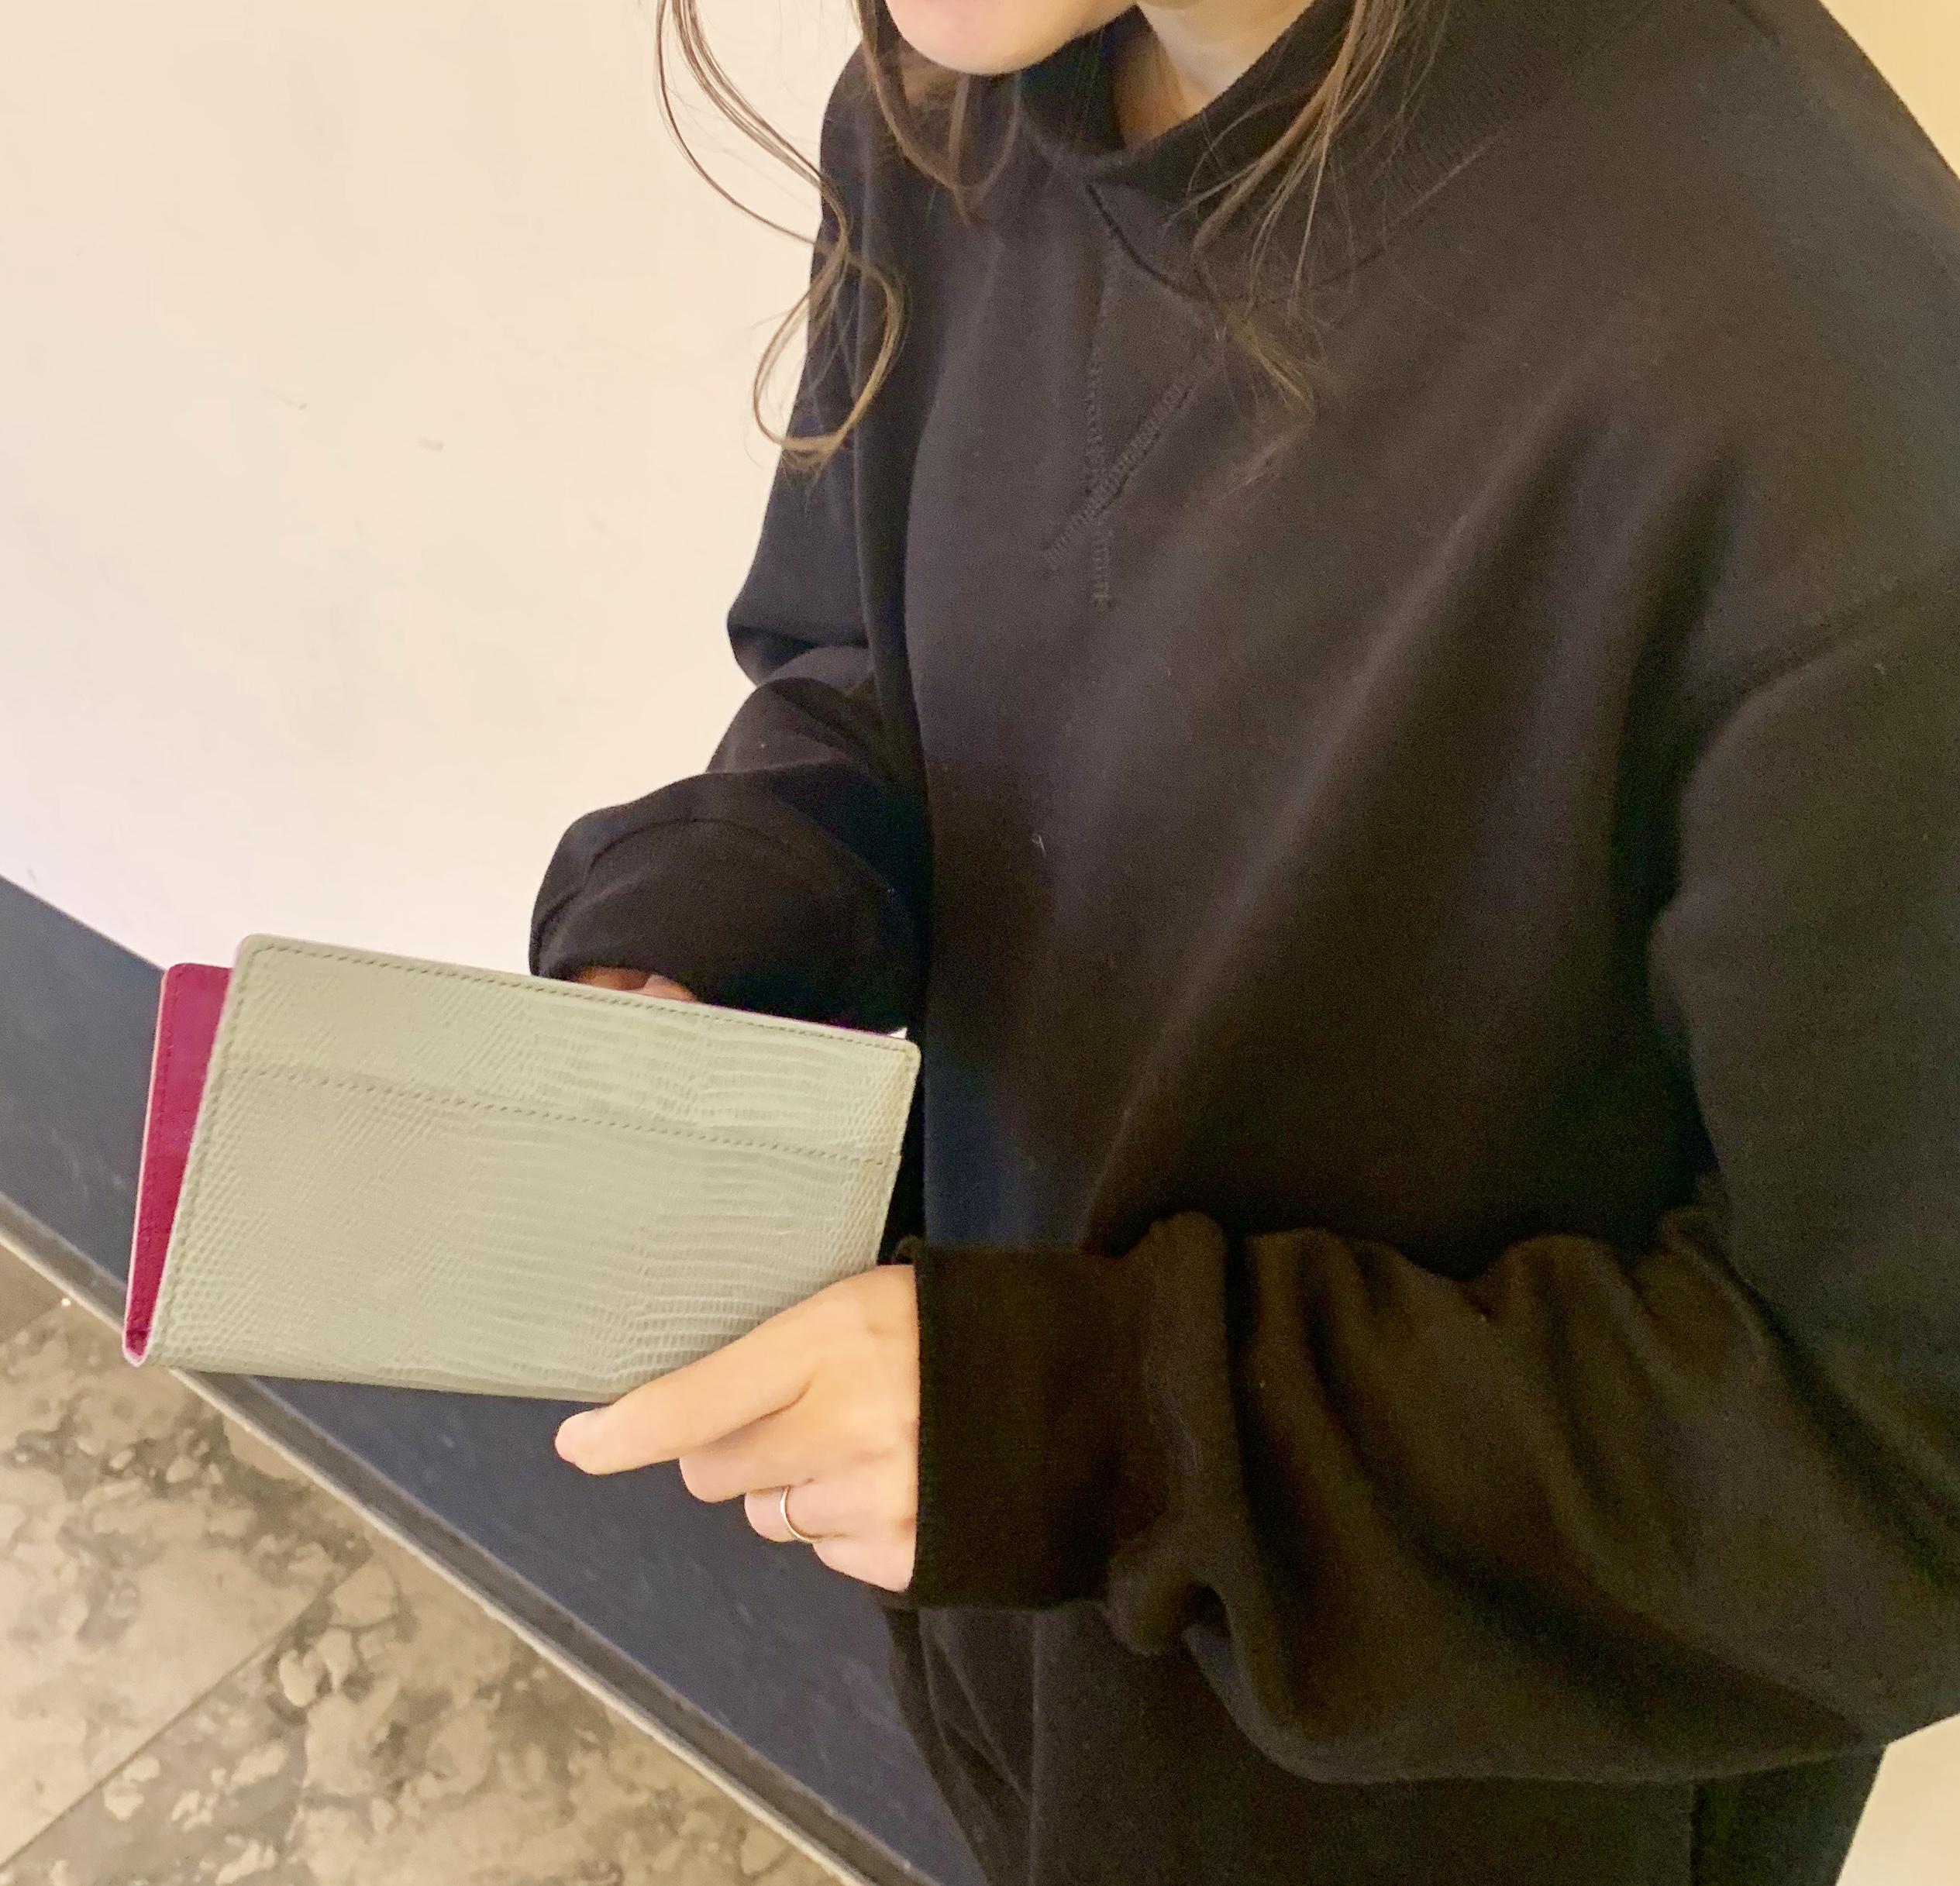 TOFF&LOADSTONES トフアンドロードストーン crap Book スクラップブック 有楽町マルイ 可愛い 牛革 型押し スマートフォンケース 全機種対応 日本ブランド 日本製 日本人職人